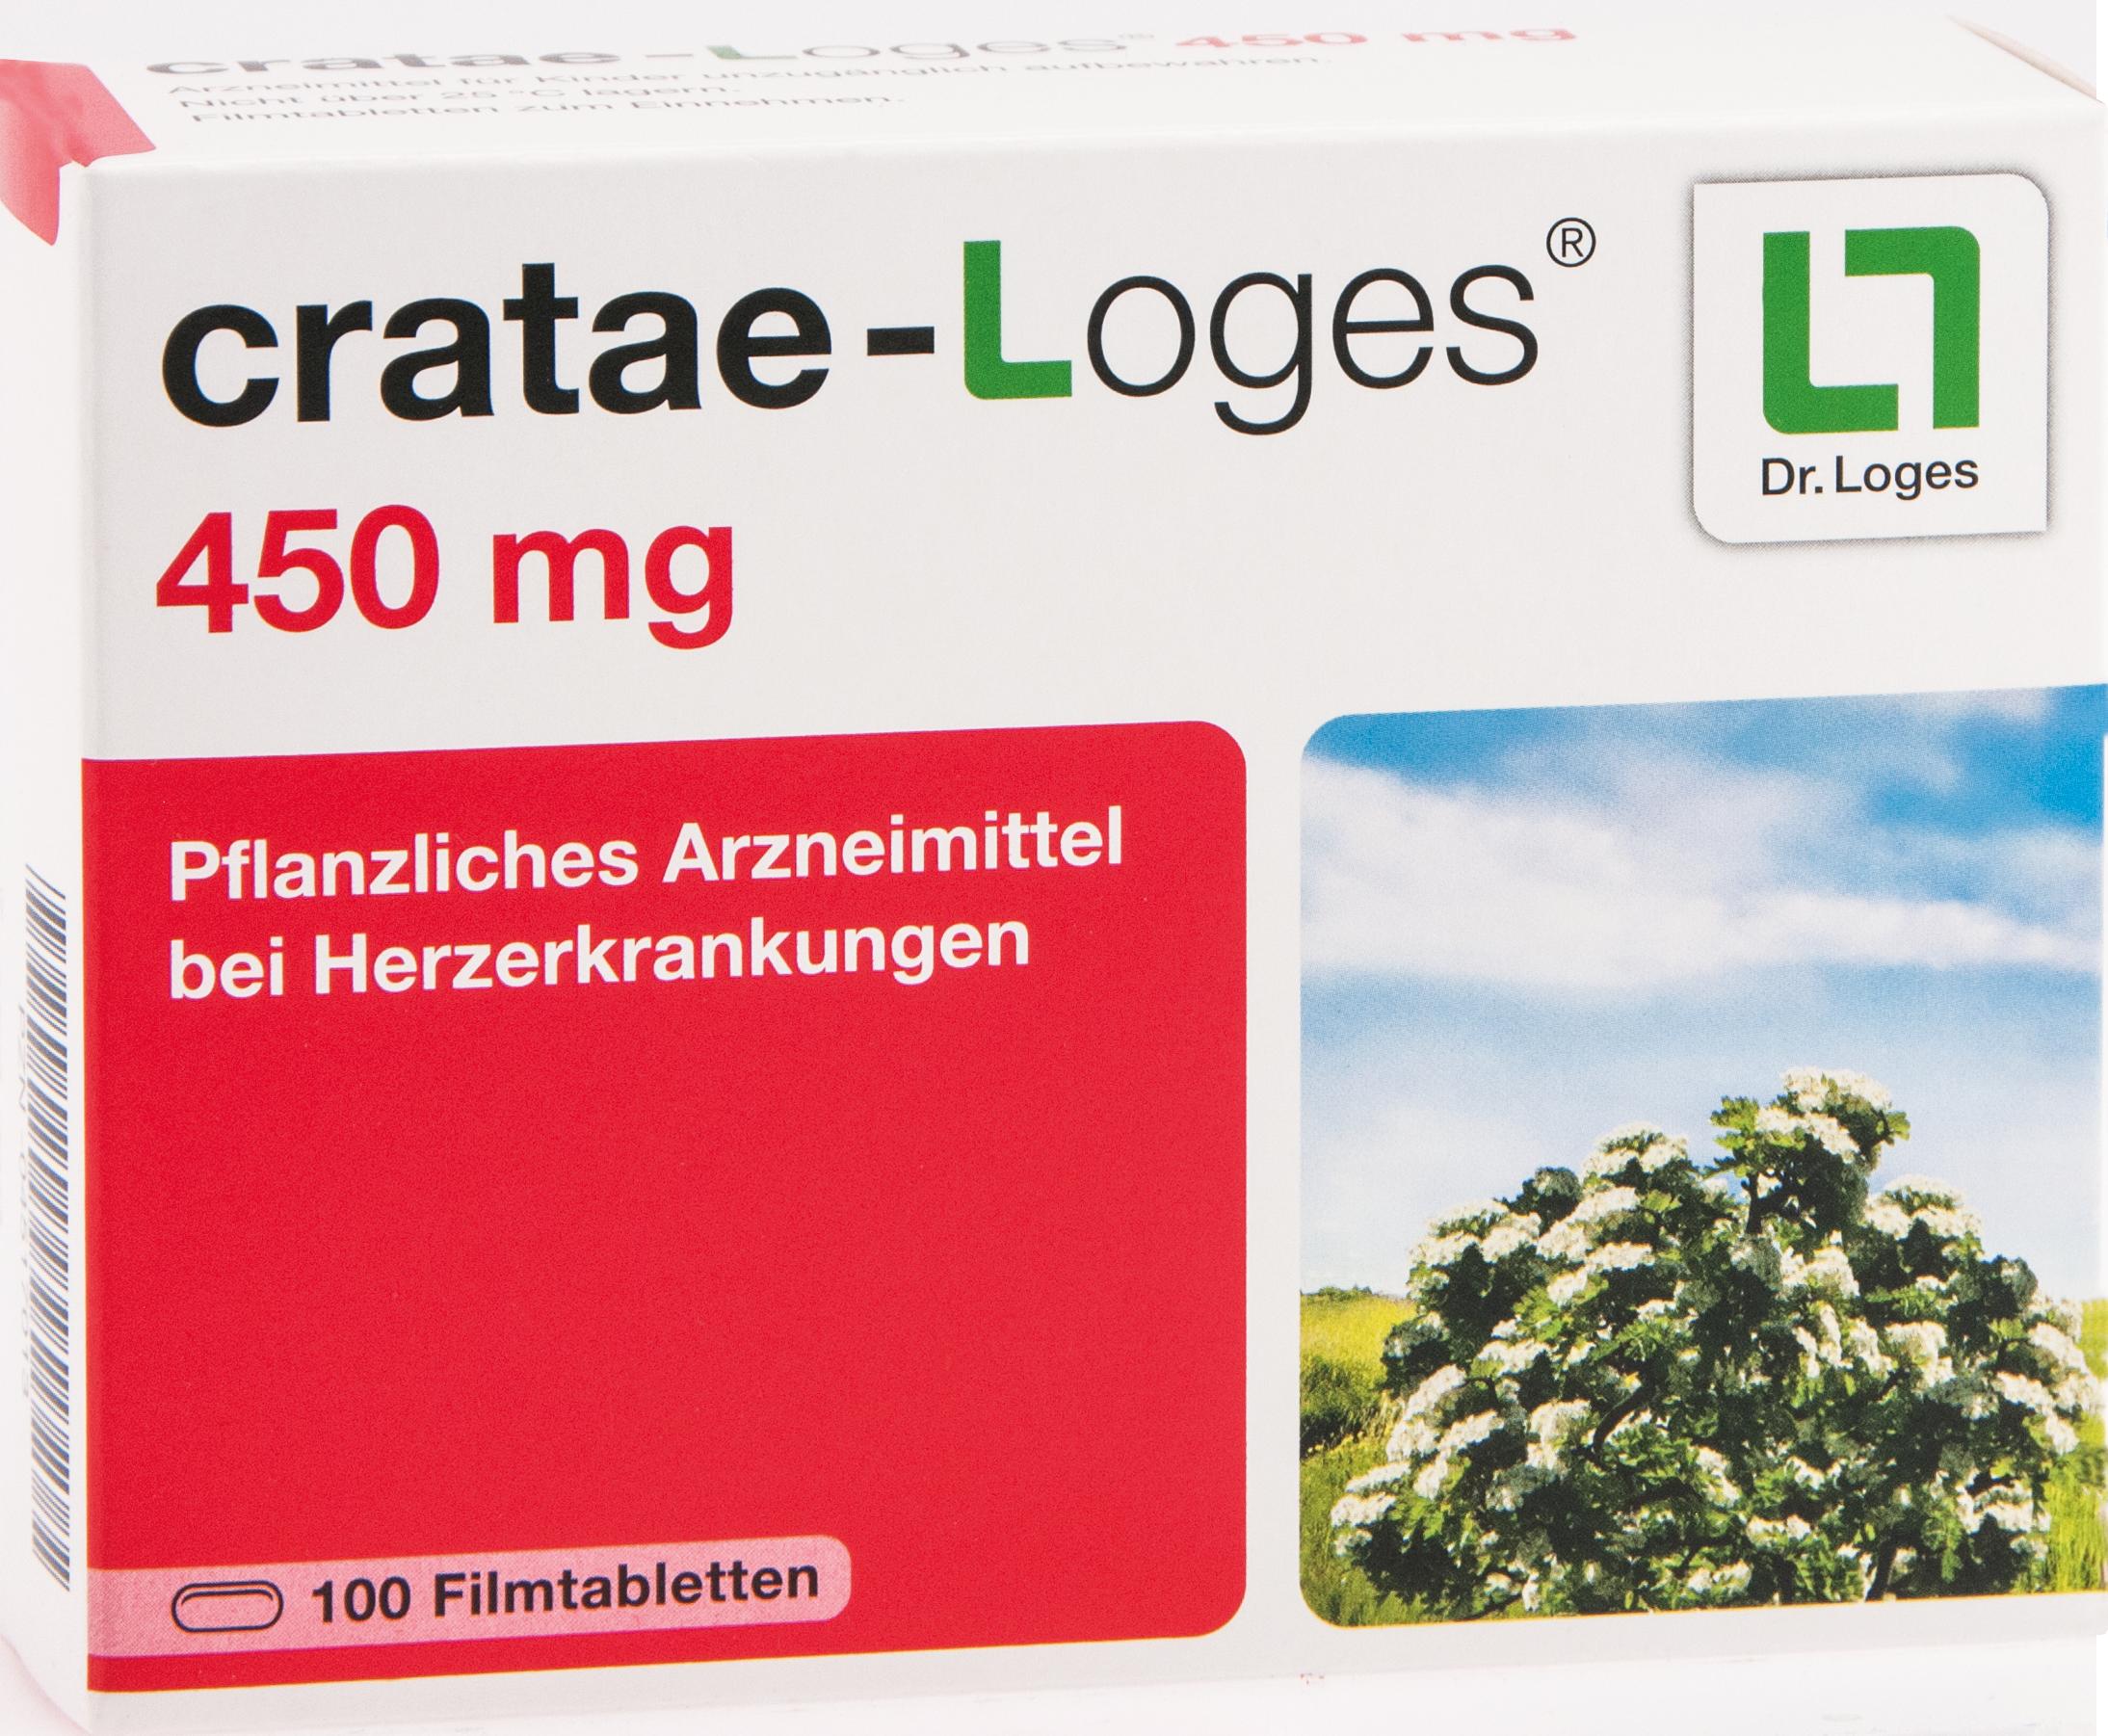 cratae-loges 450mg